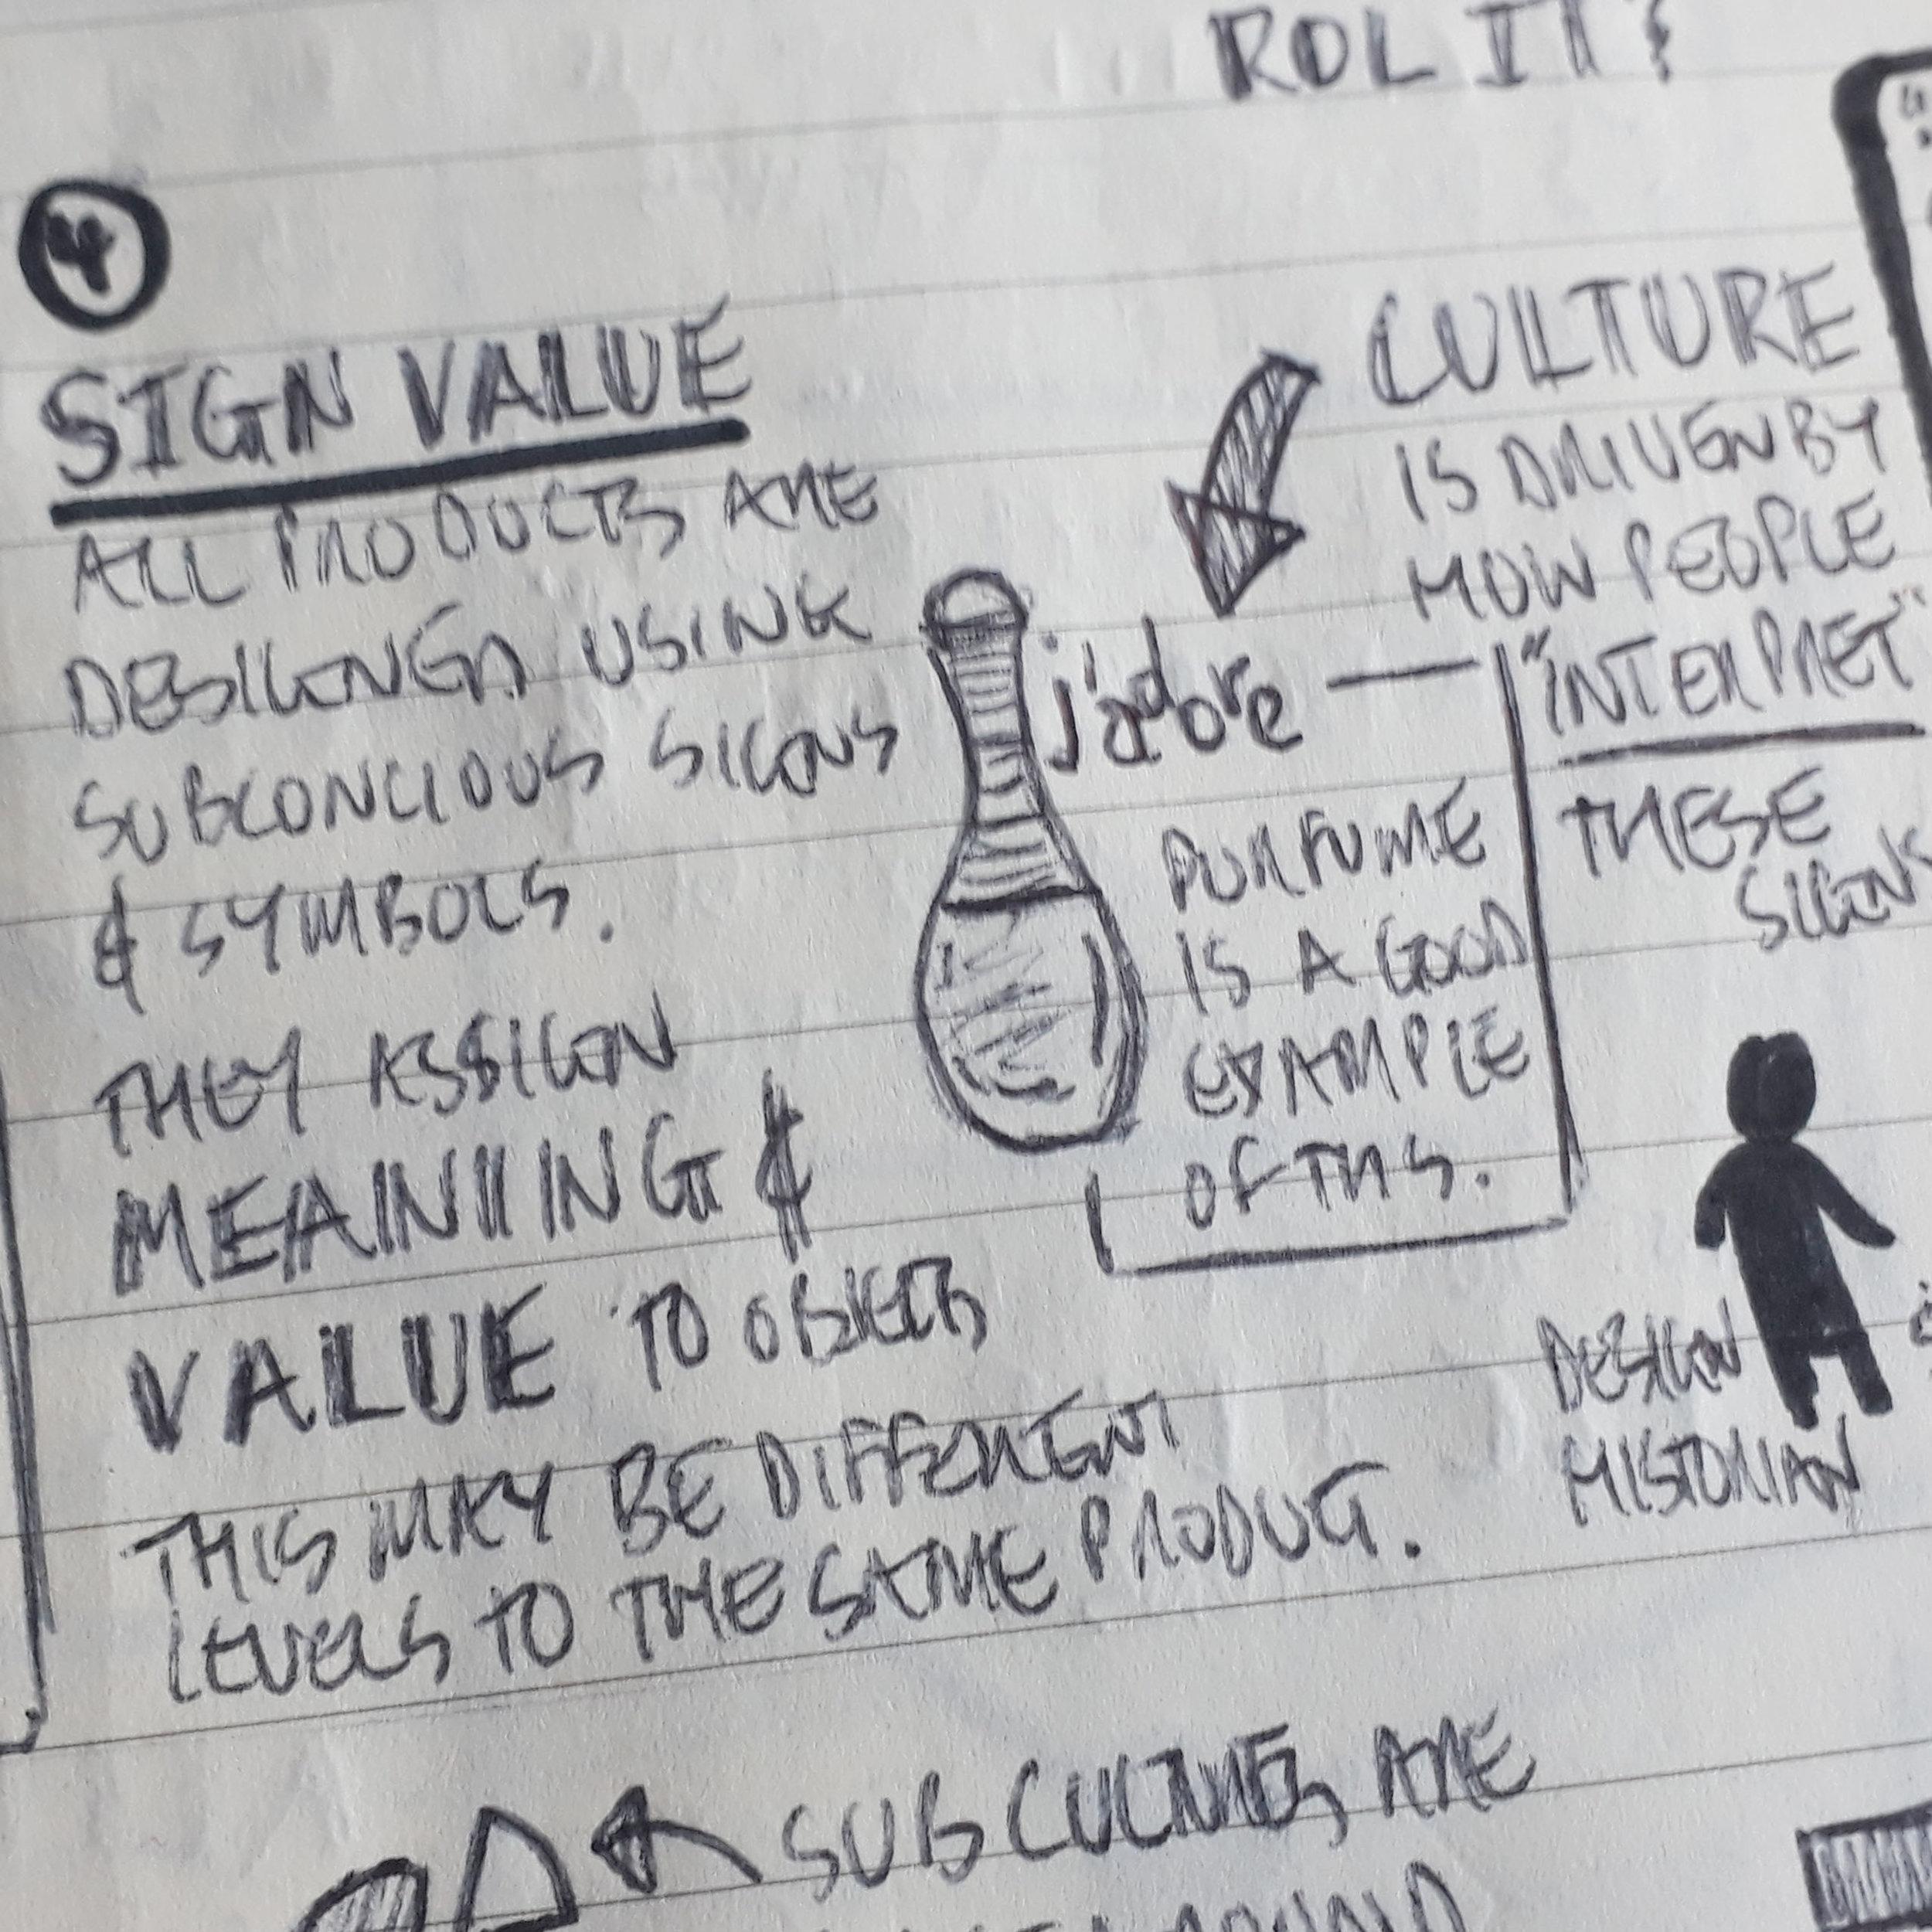 ValueInDesign-Part1.8.jpg